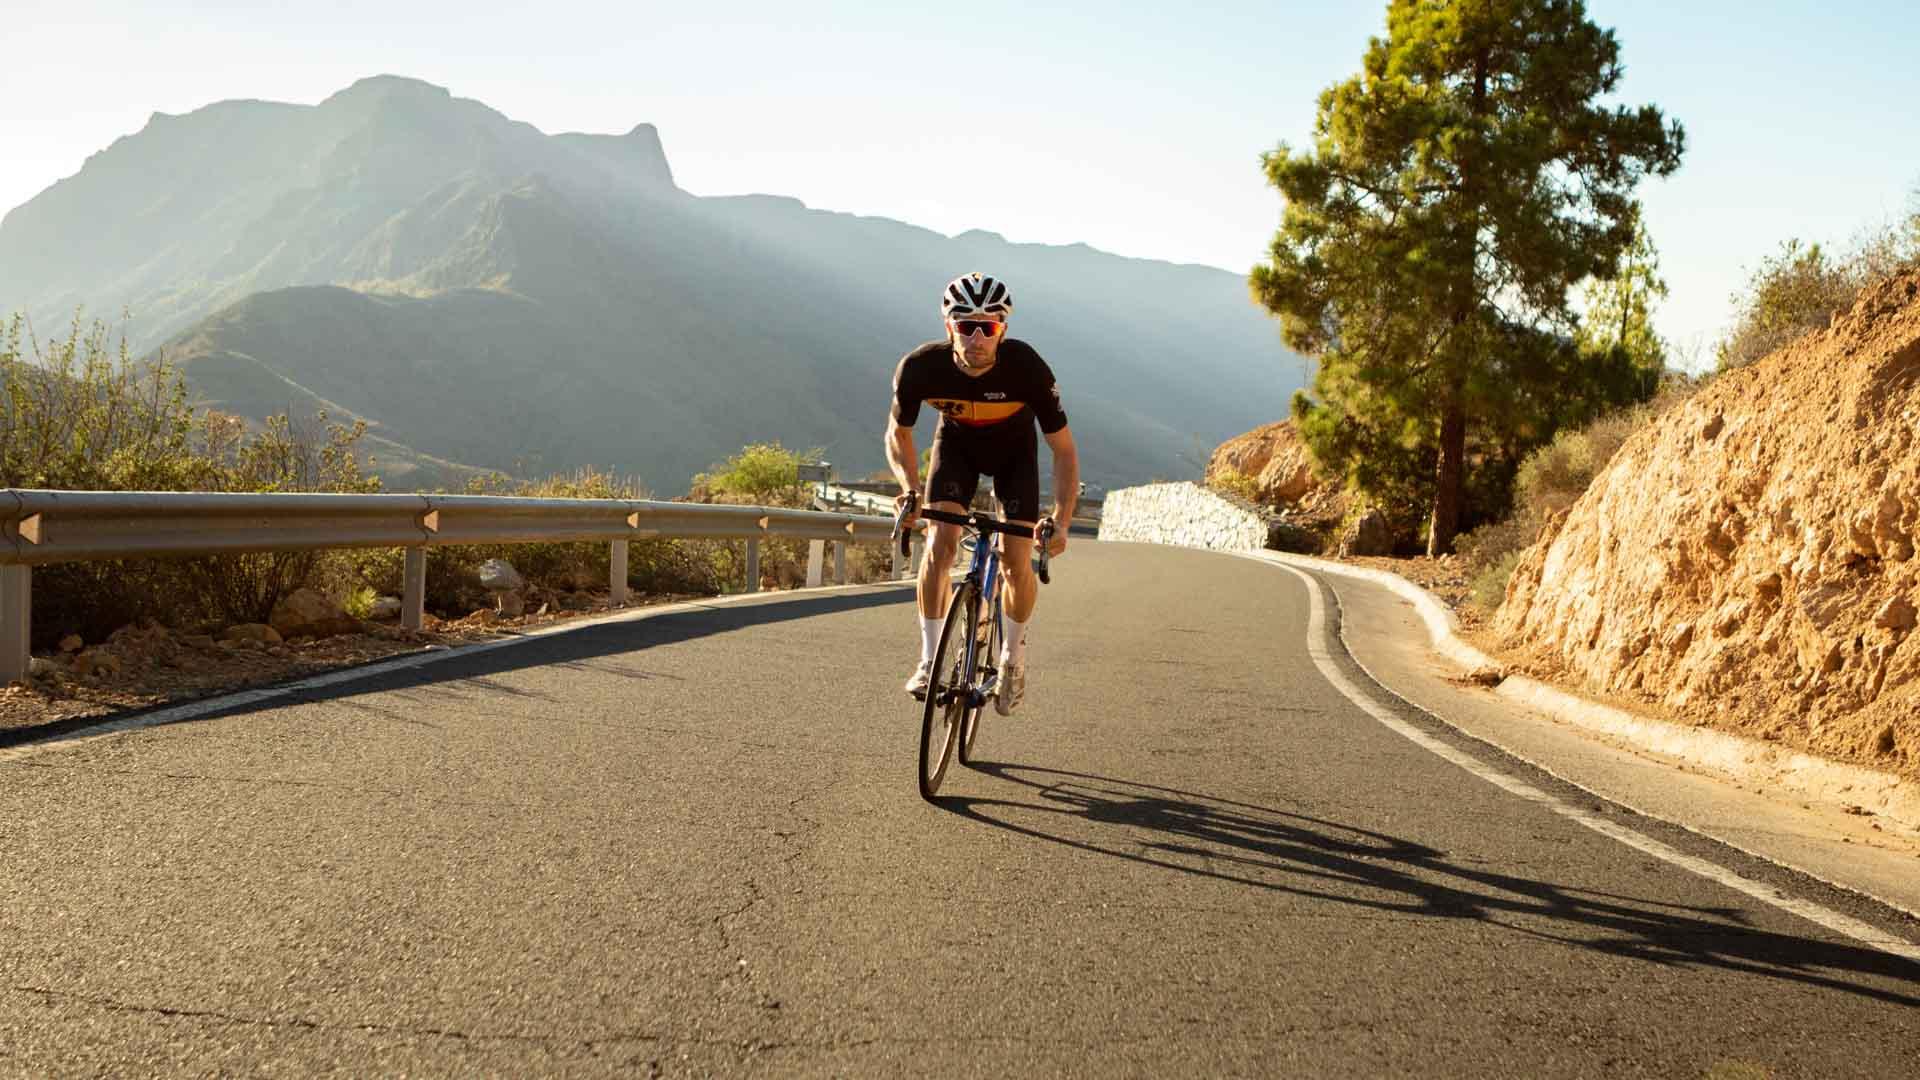 Cycling Road Off 59 Www Abrafiltros Org Br